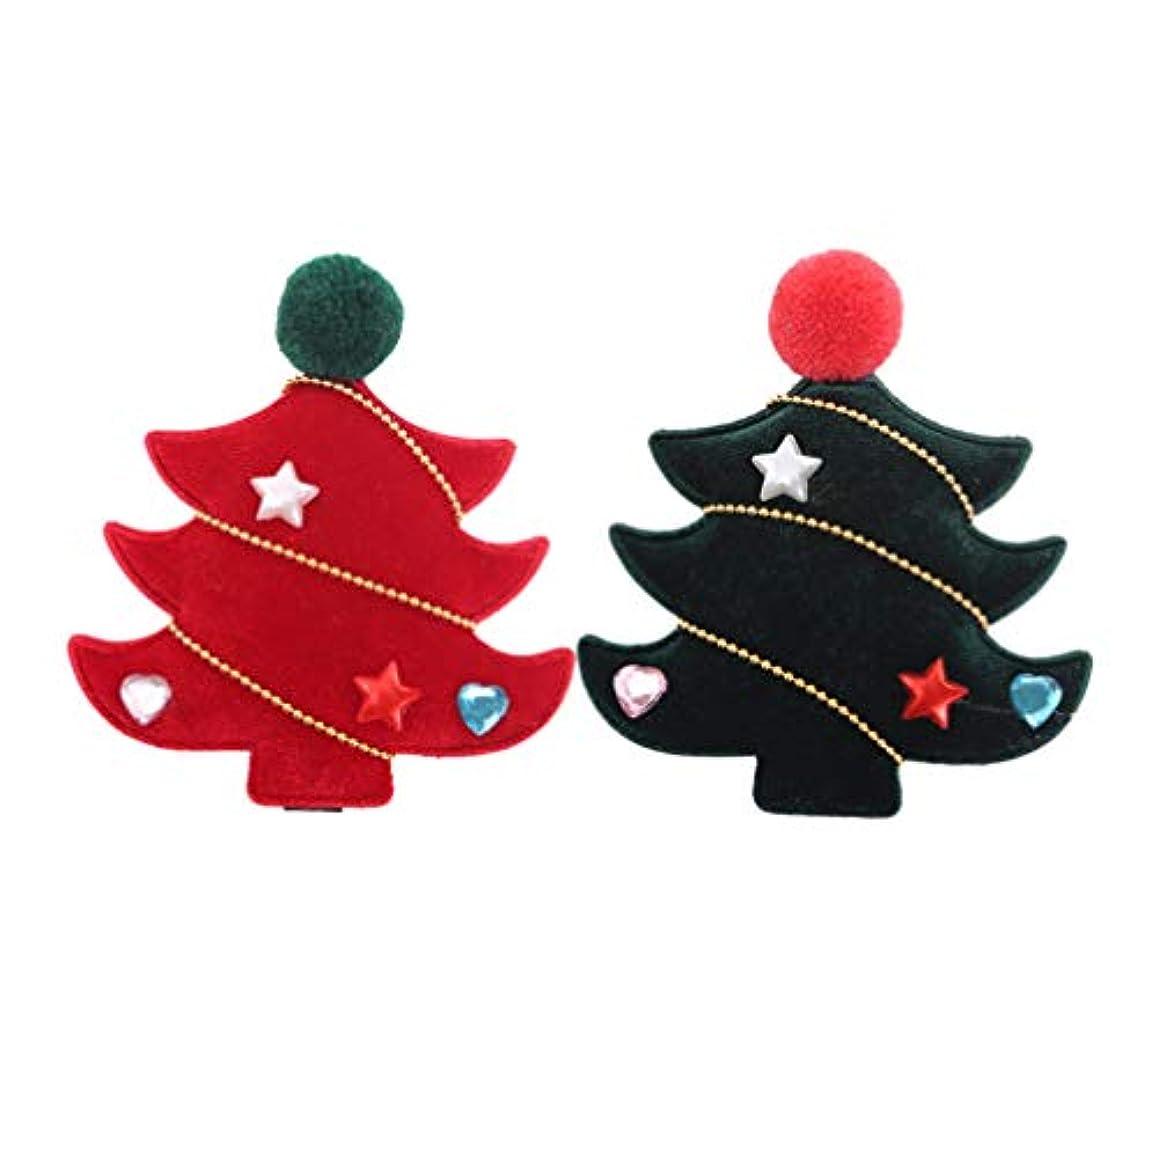 目の前のオーストラリア人エンジニアリングSUPVOX 4ピースクリスマスツリーヘアクリップフランネルラブリークリスマスツリーヘアピンヘアアクセサリー用女の子キッズ子供